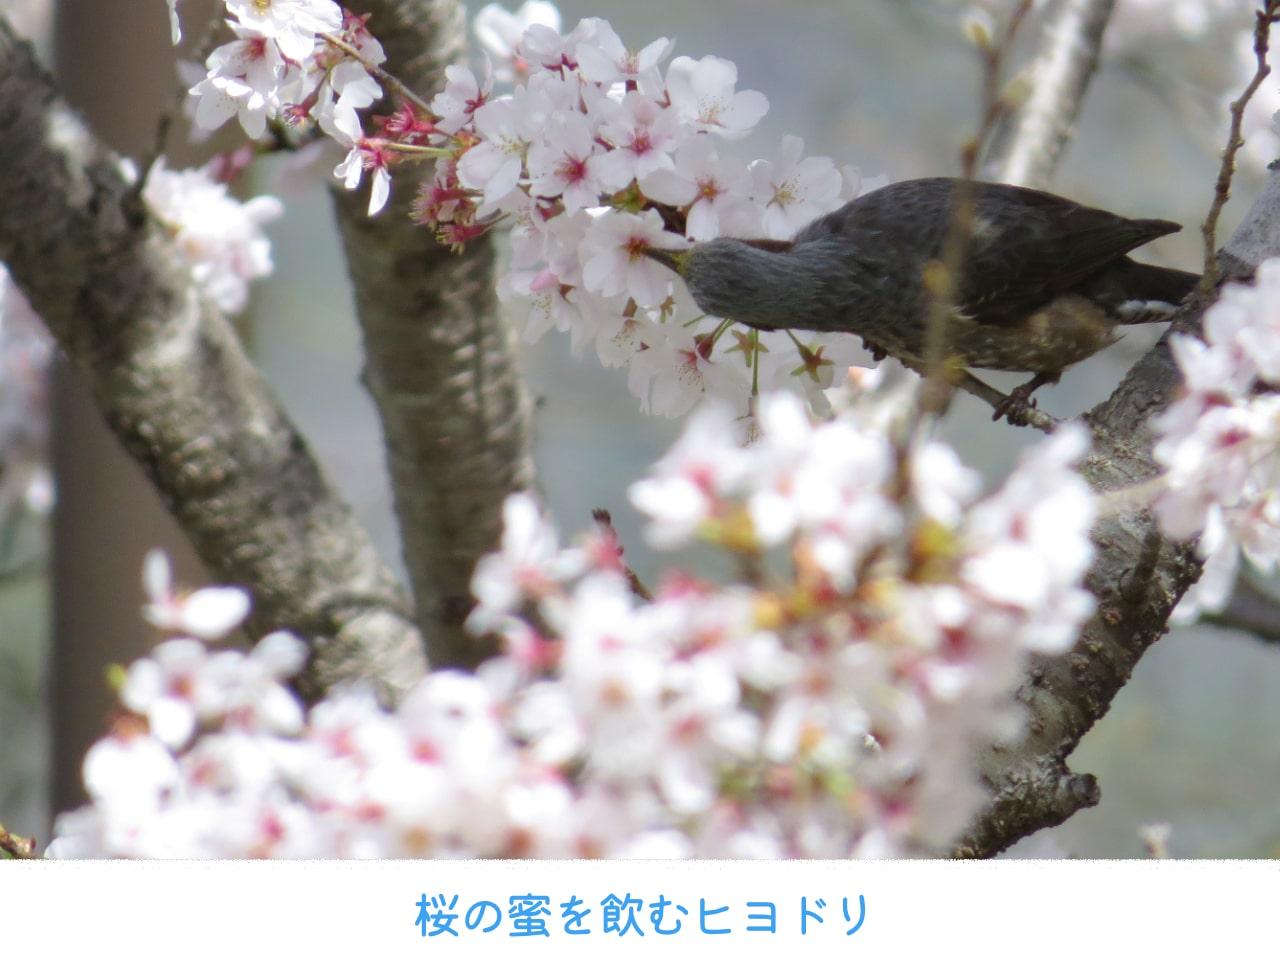 桜の蜜を飲むヒヨドリの画像